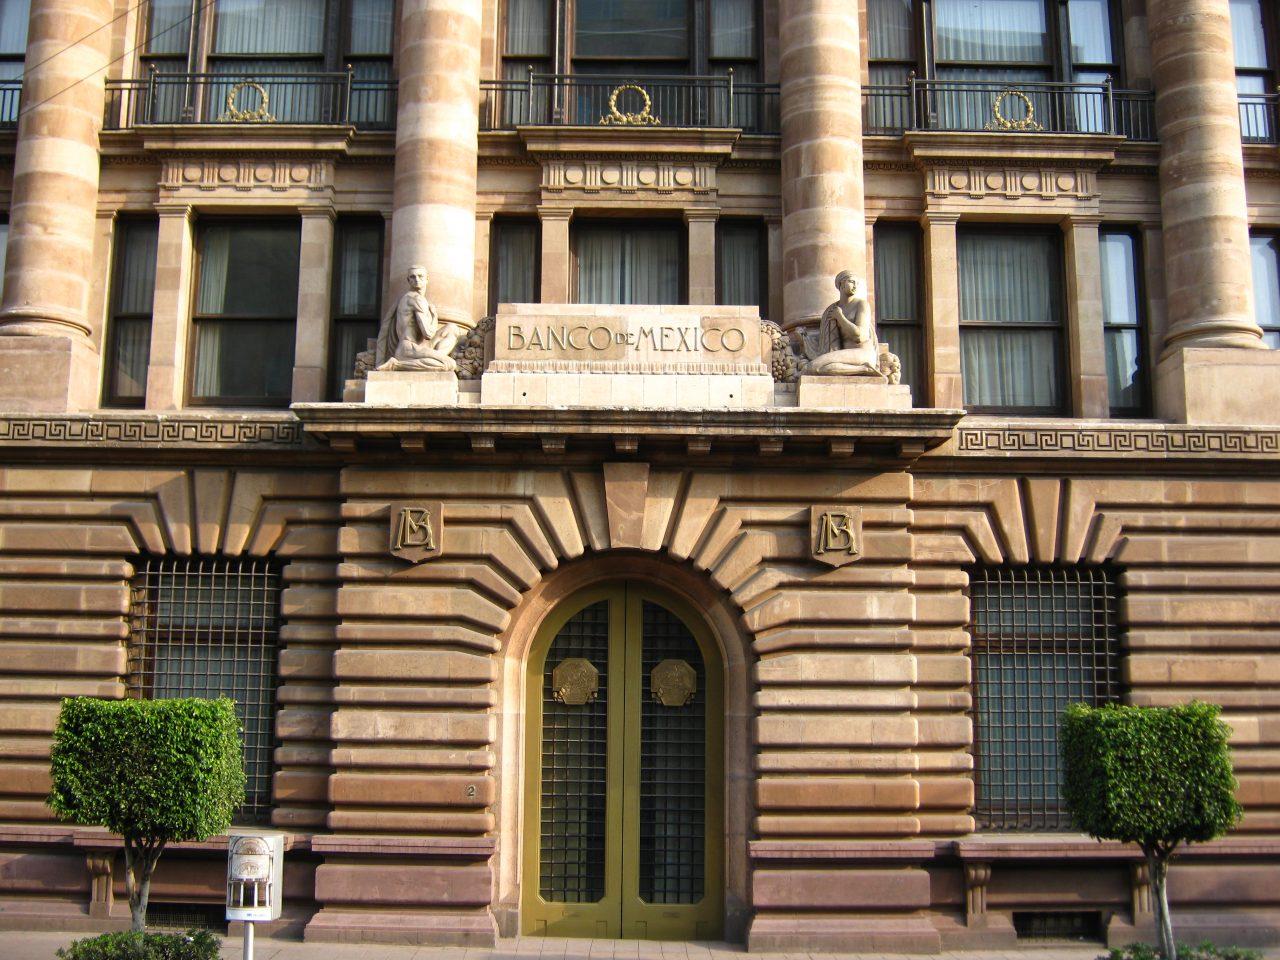 Analistas prevén recorte de tasas del Banco de México: encuesta